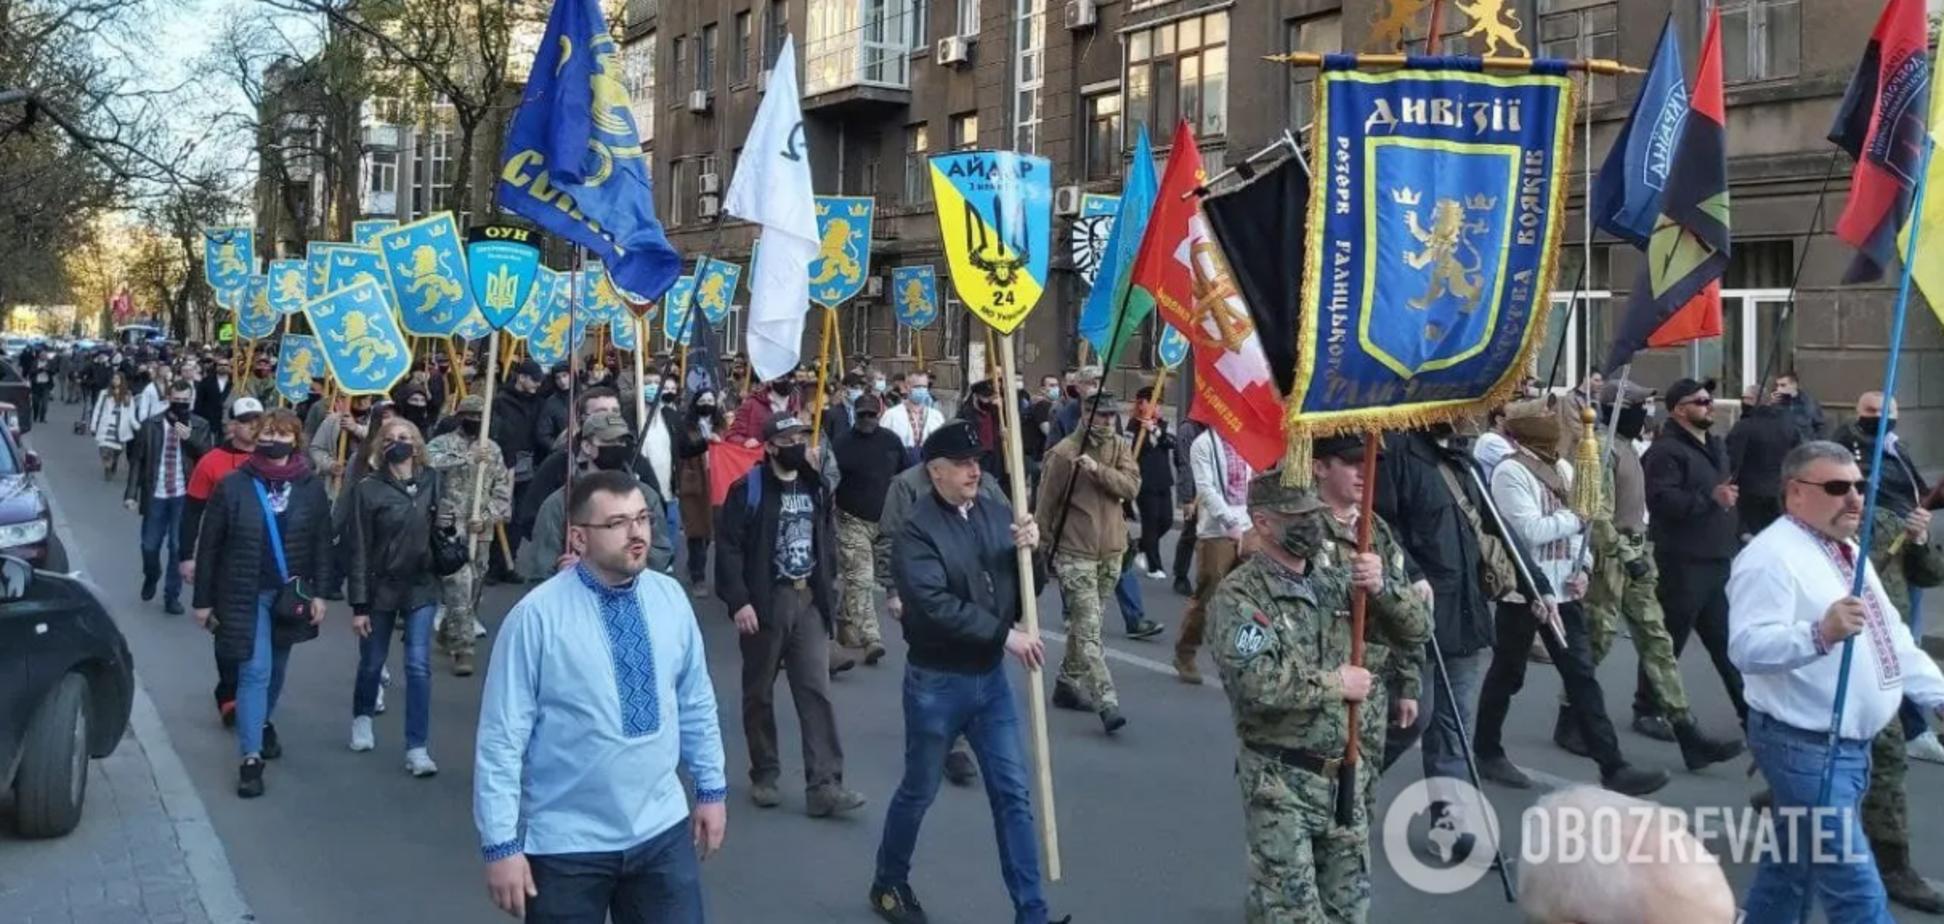 В КГГА пояснили, почему не запретили марш в честь СС 'Галичина'